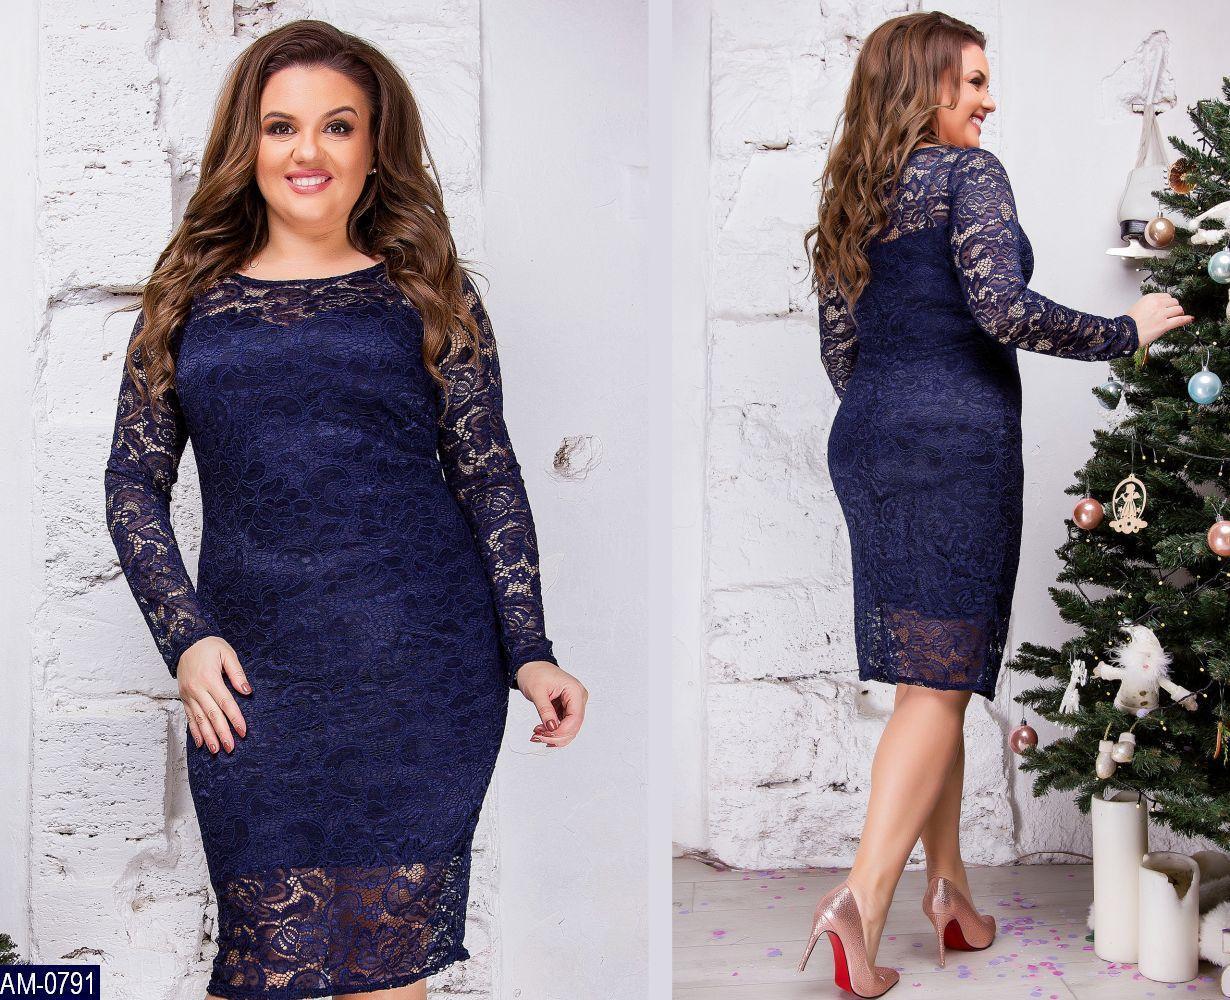 Платье женское нарядное батал размеры 46-48 50-52 54-56 58-60 Новинка 2019  есть много цветов